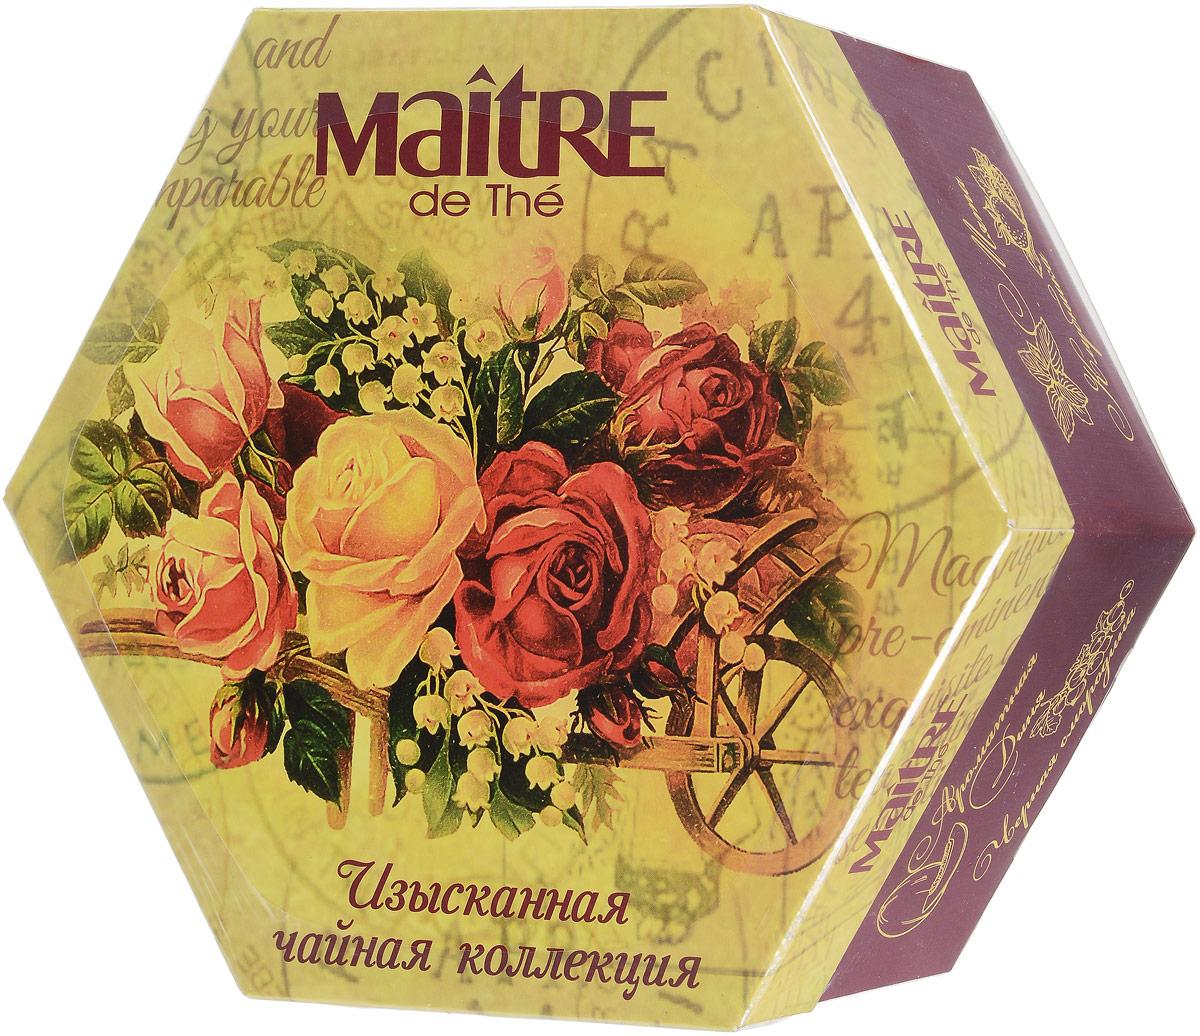 Maitre Розы Изысканная чайная коллекция набор чая в пакетиках, 60 штбаж003_розыОригинальная картонная шестигранная упаковка с ярким дизайном с розами скрывает в себе Изысканную чайную коллекцию от Maitre de The. В состав набора входит пакетированный чай в металлизированных конвертах, 12 вкусов черного и зеленого чая из Регулярной коллекции:Зеленый чай: лотос и роза, жасмин, малина, клубника, лайм, мята;Черный чай: клубника со сливками, мятная ваниль, лимонный бурбон, ароматная дыня, бергамот, черная смородина.Всё о чае: сорта, факты, советы по выбору и употреблению. Статья OZON Гид